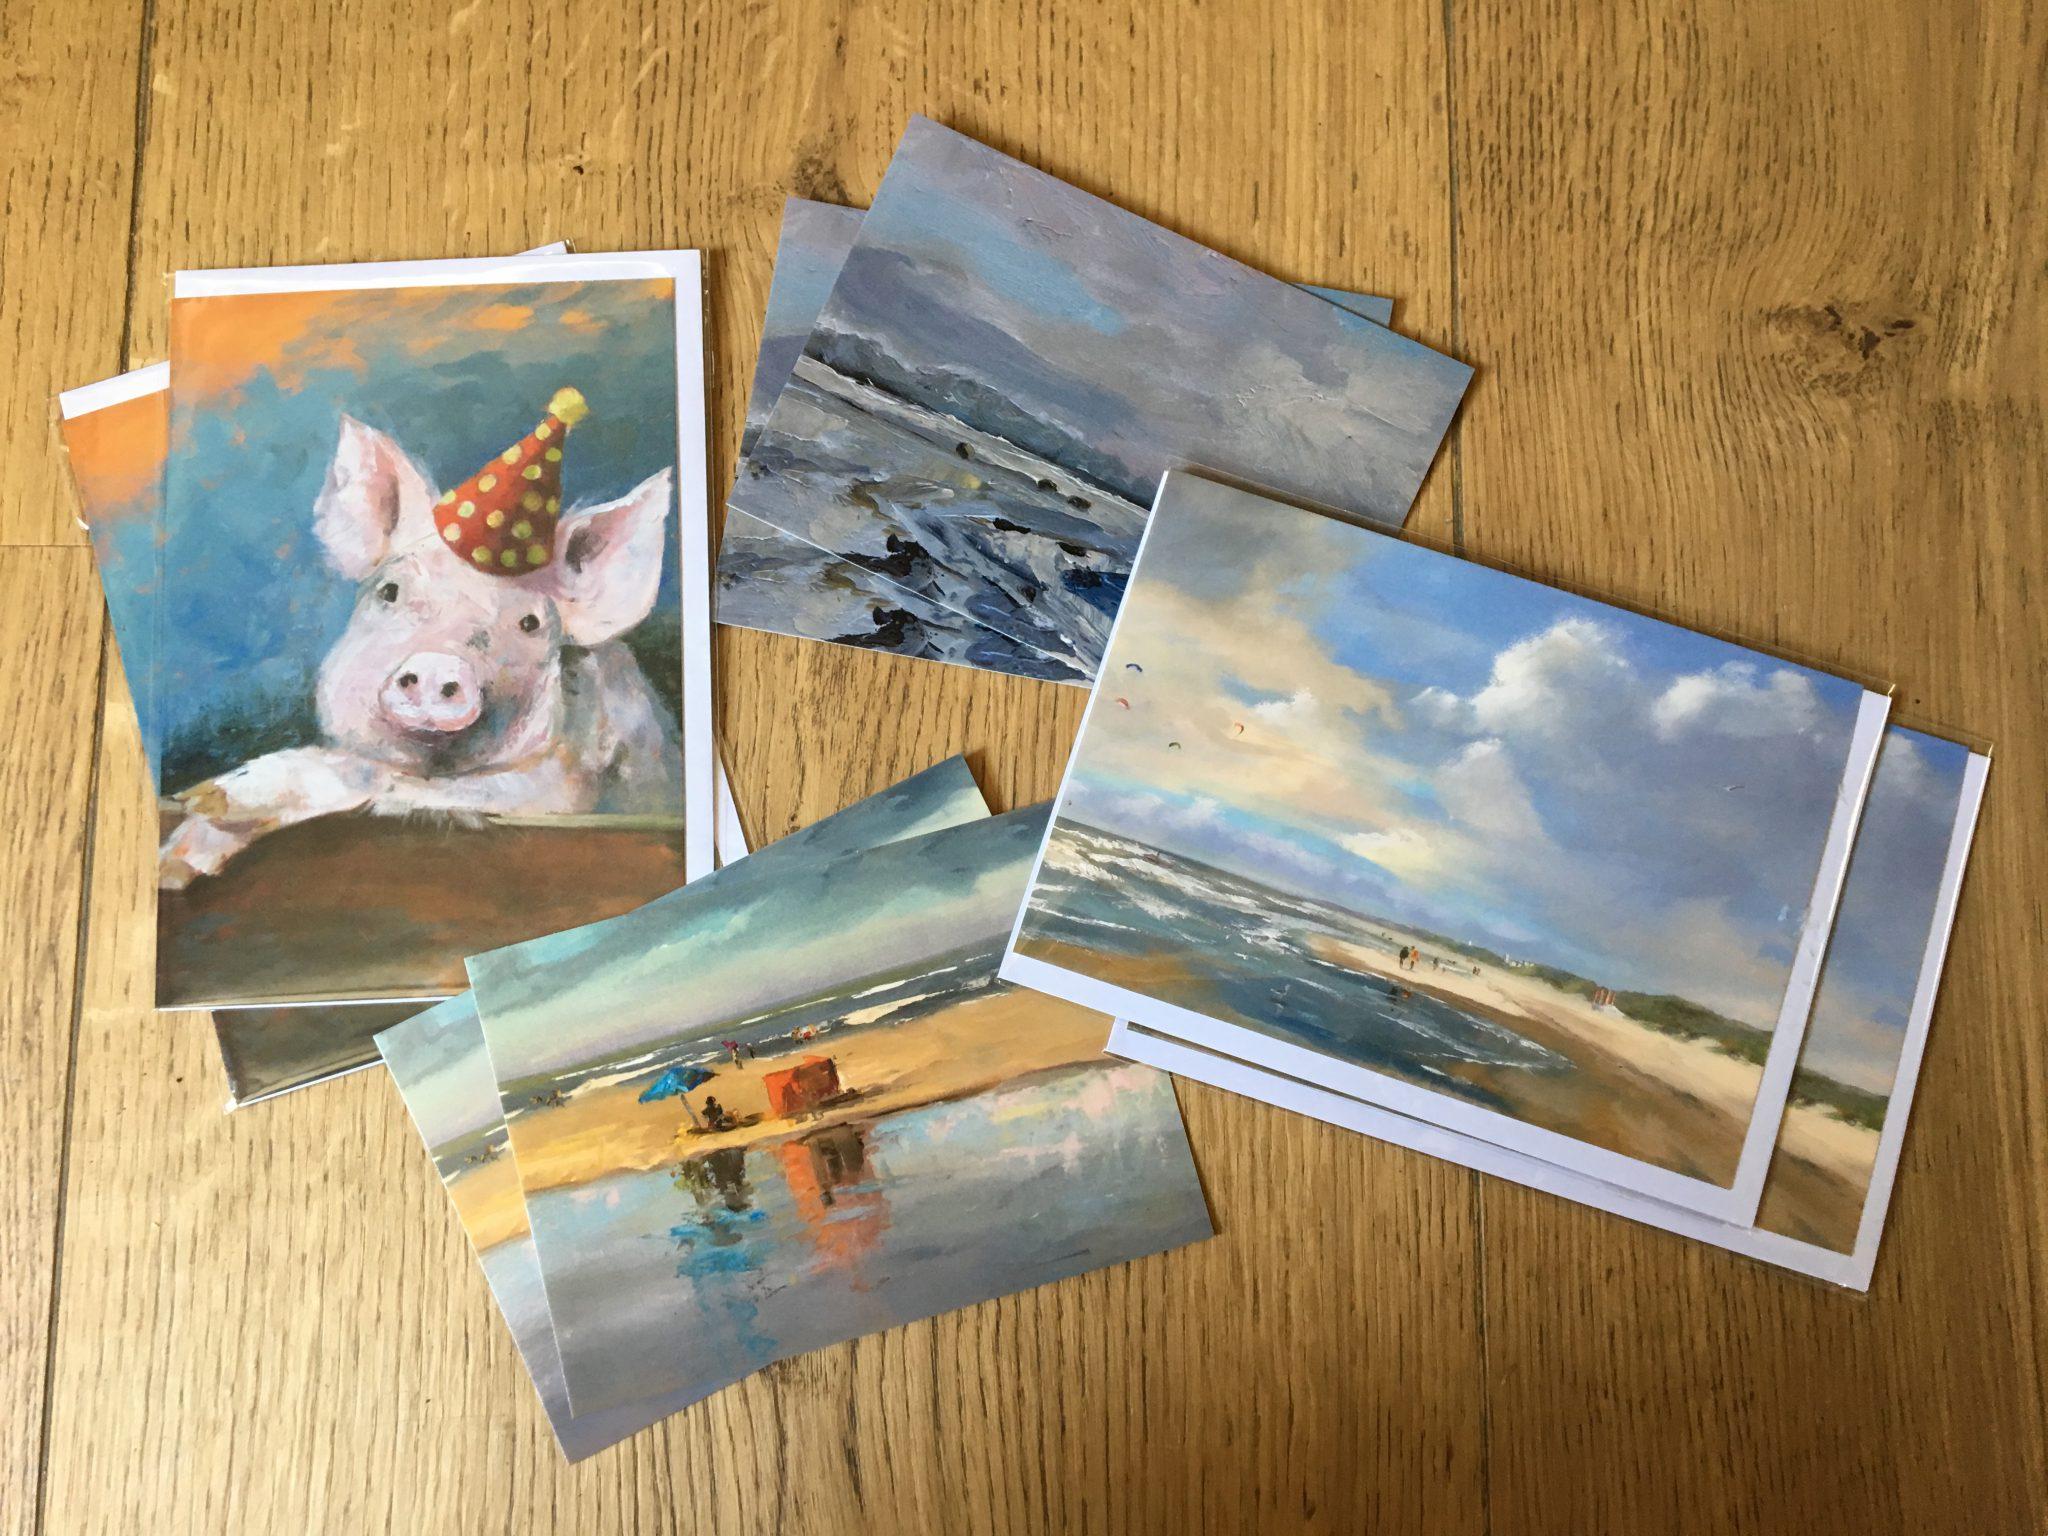 verjaarskaart, kaarten zeegezicht, kunstkaarten, Lynden